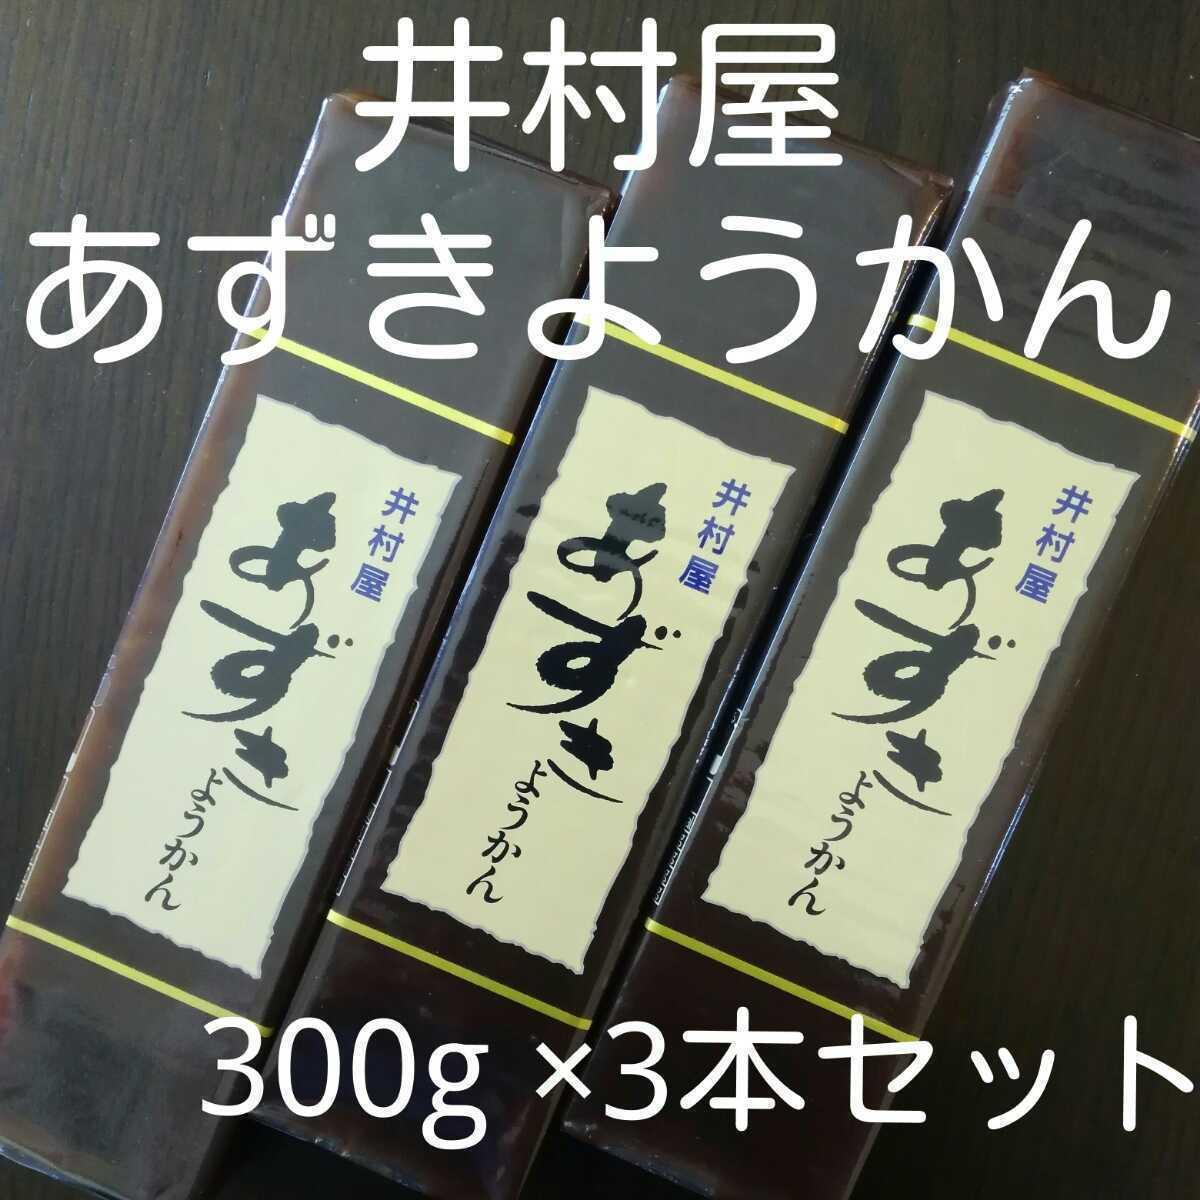 井村屋あずきようかん300g×3本セット